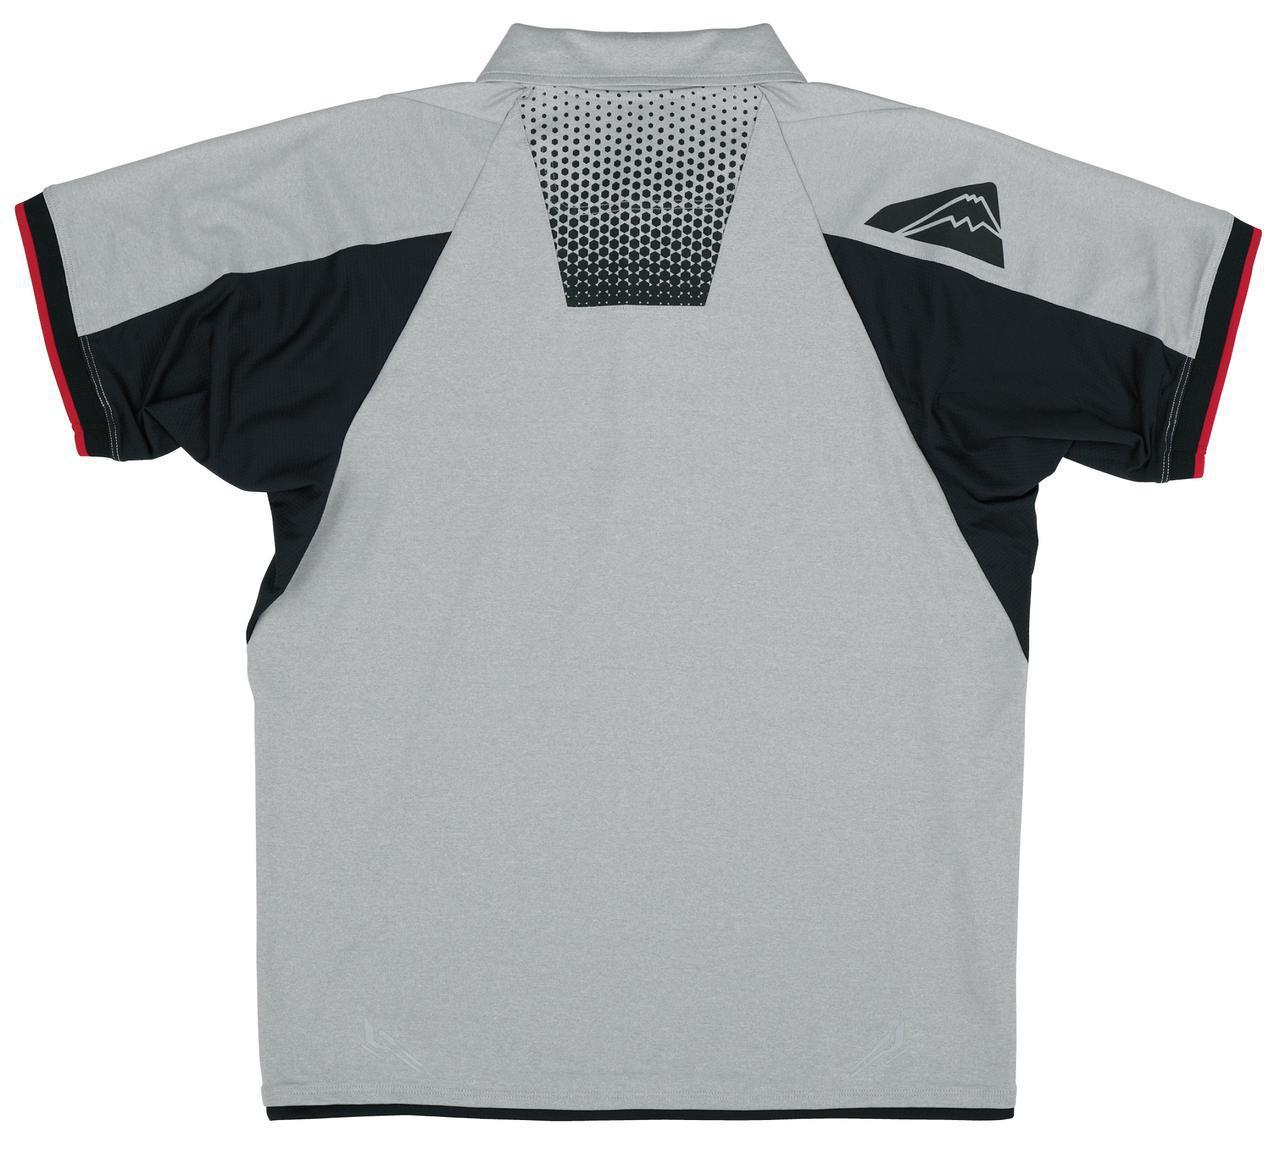 画像2: クシタニが夏の新作ポロシャツとデニムパンツをリリース! 普段使いもしやすいカジュアルなアイテム